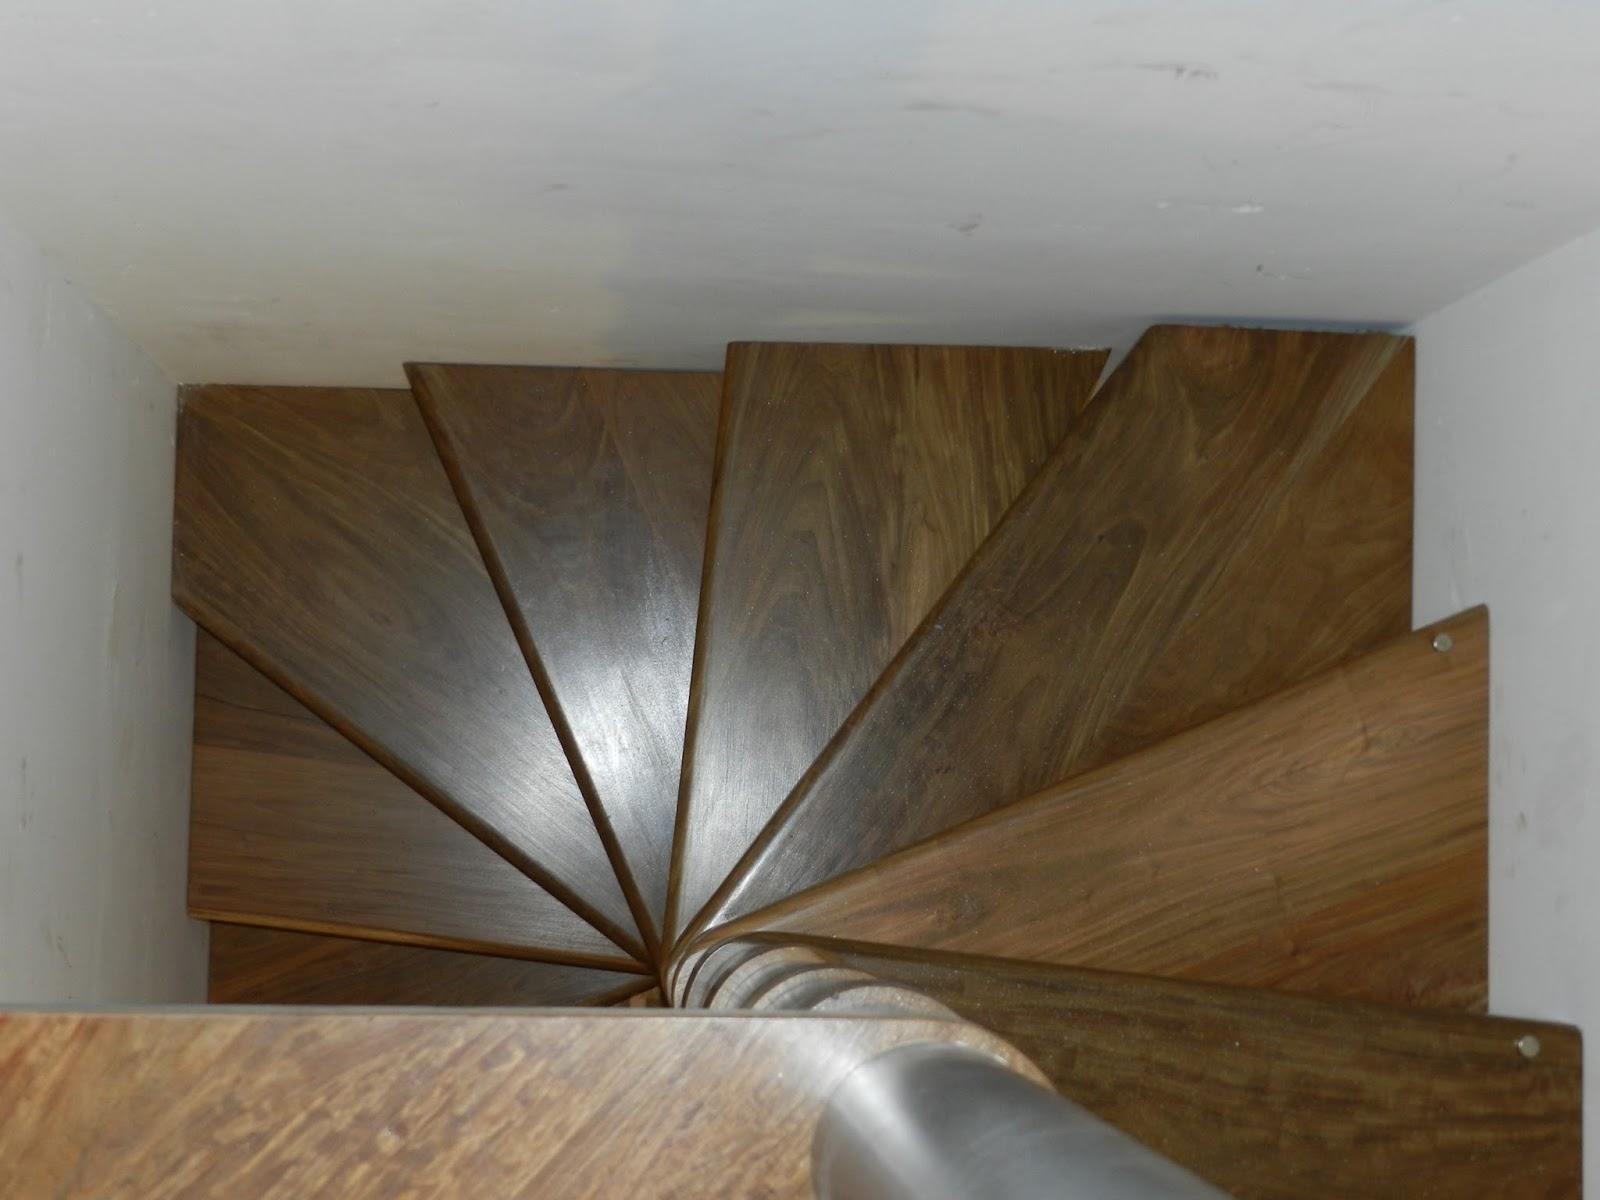 Escalera caracol de lapacho nativa pisos y equipamiento for Escalera caracol 2 pisos